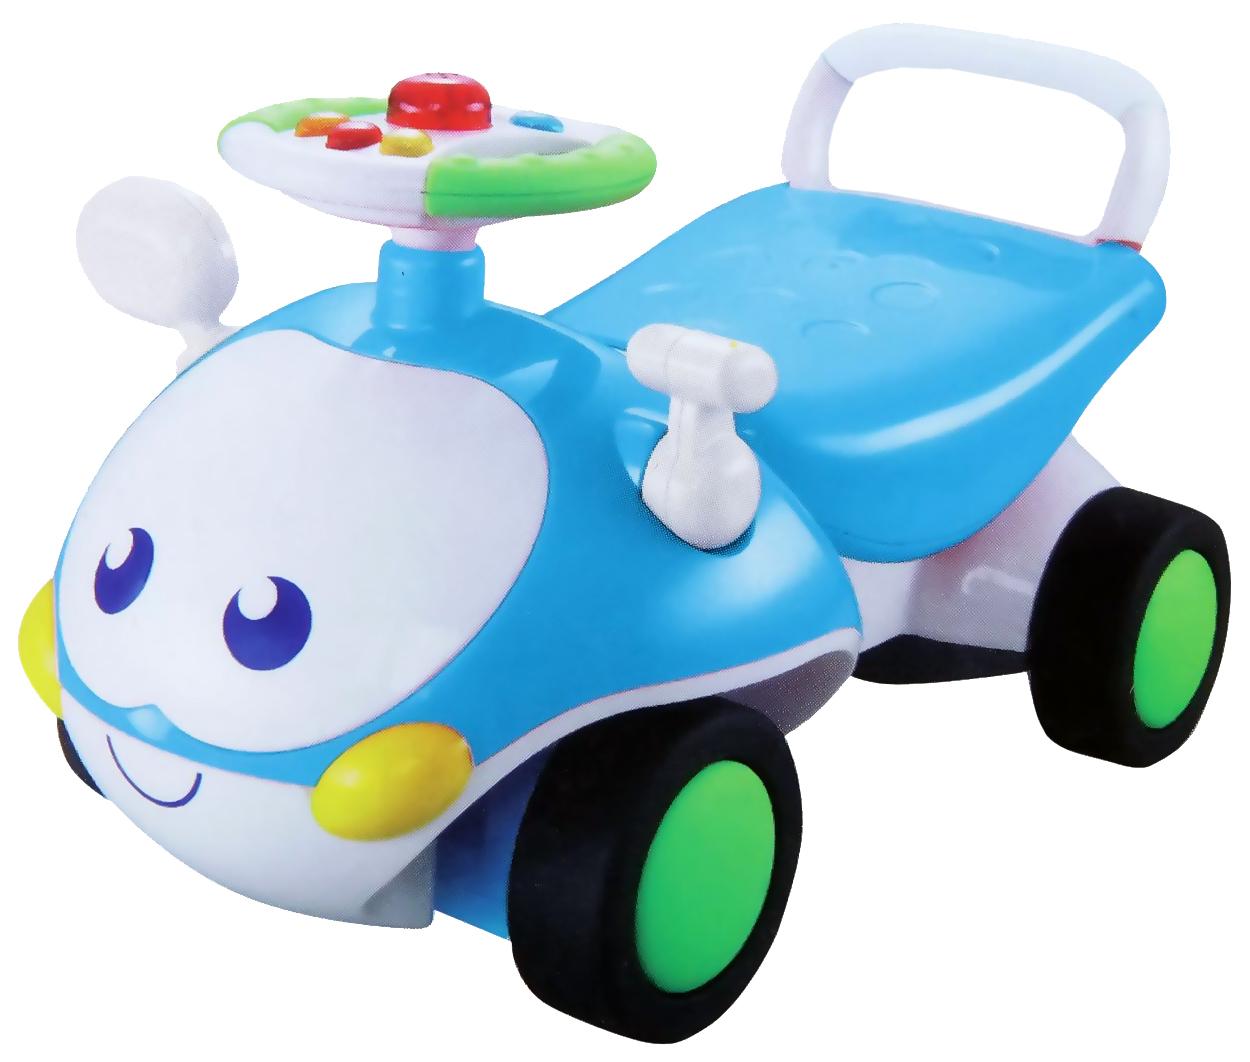 Купить Средняя, Каталка детская Gratwest машинка с глазками Х51531, Машинки каталки